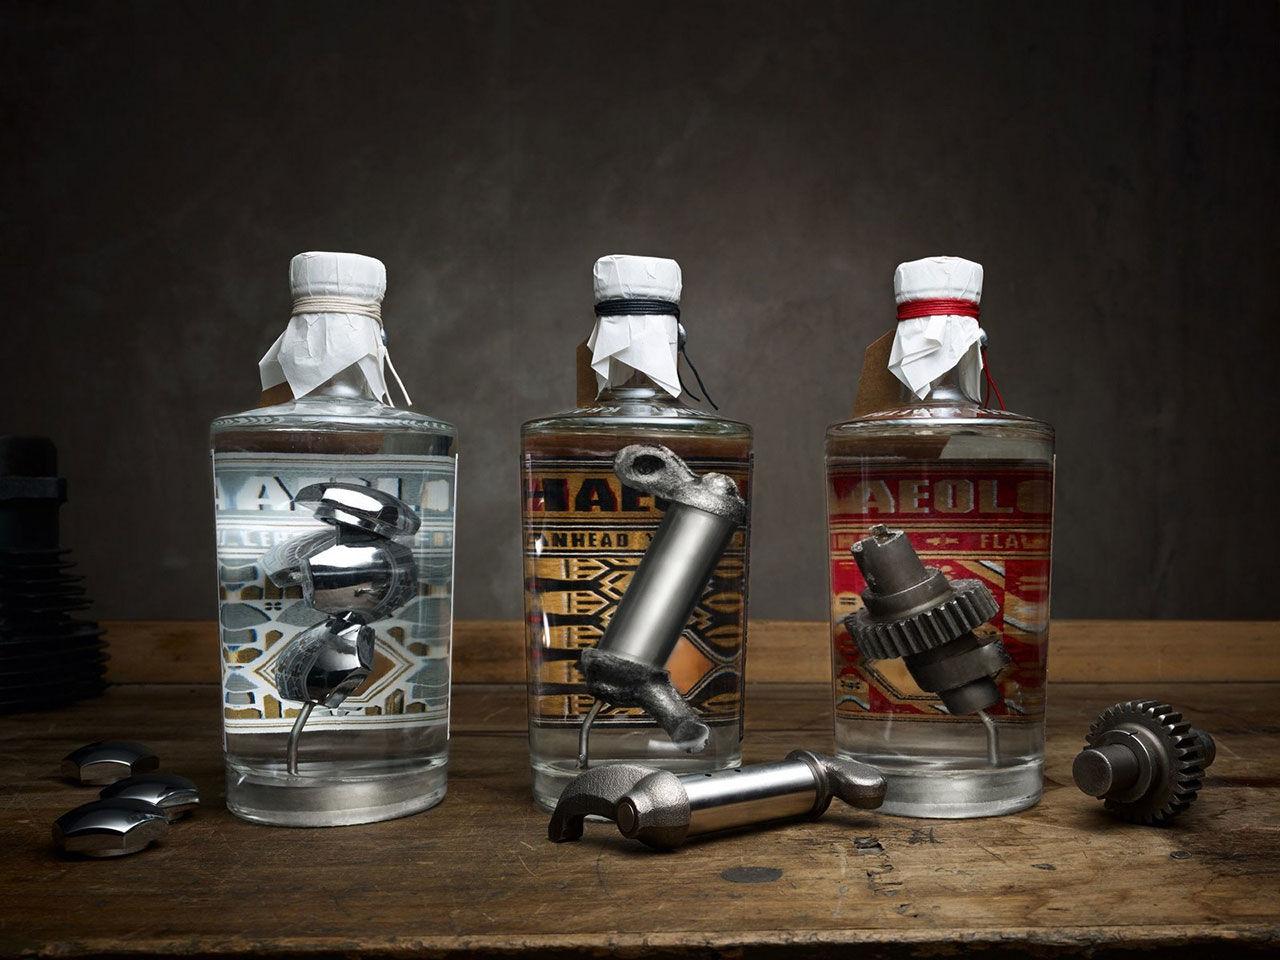 Gin med Harley-Davidson-delar i